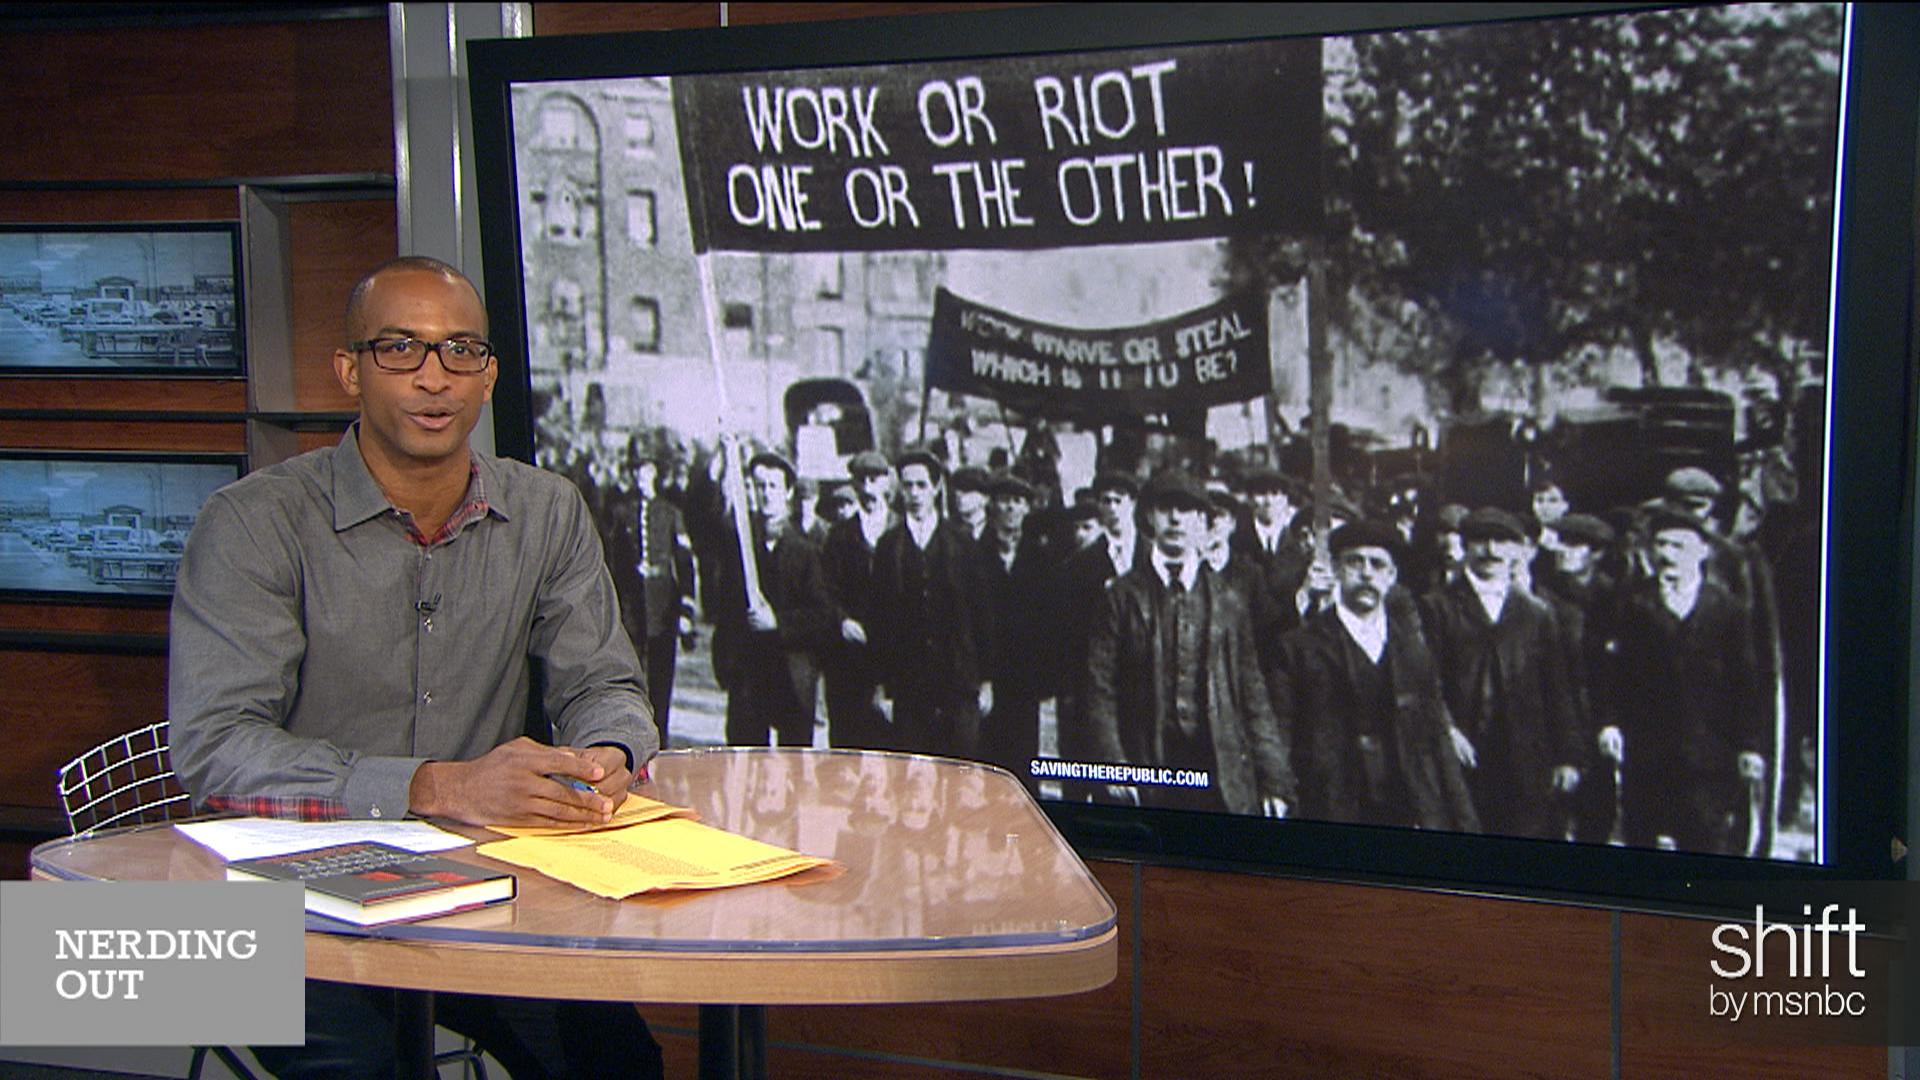 Timeline of U.S. Labor: Work or riot!